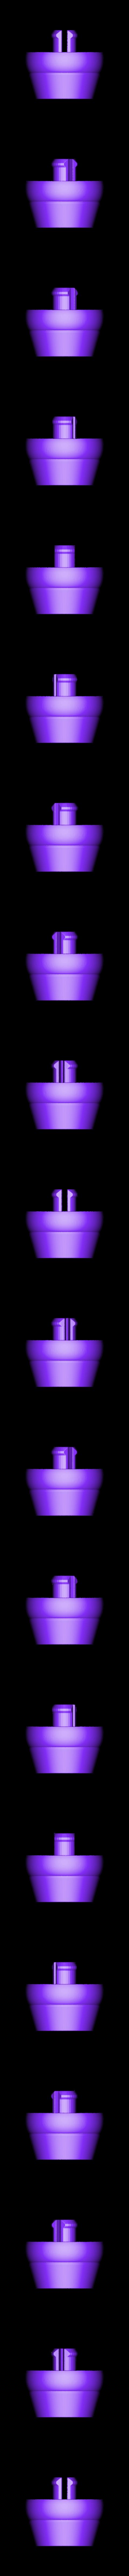 StarWalker_bottom.obj Download free OBJ file The StarWalker • 3D print design, AlbertThePrintingMachine